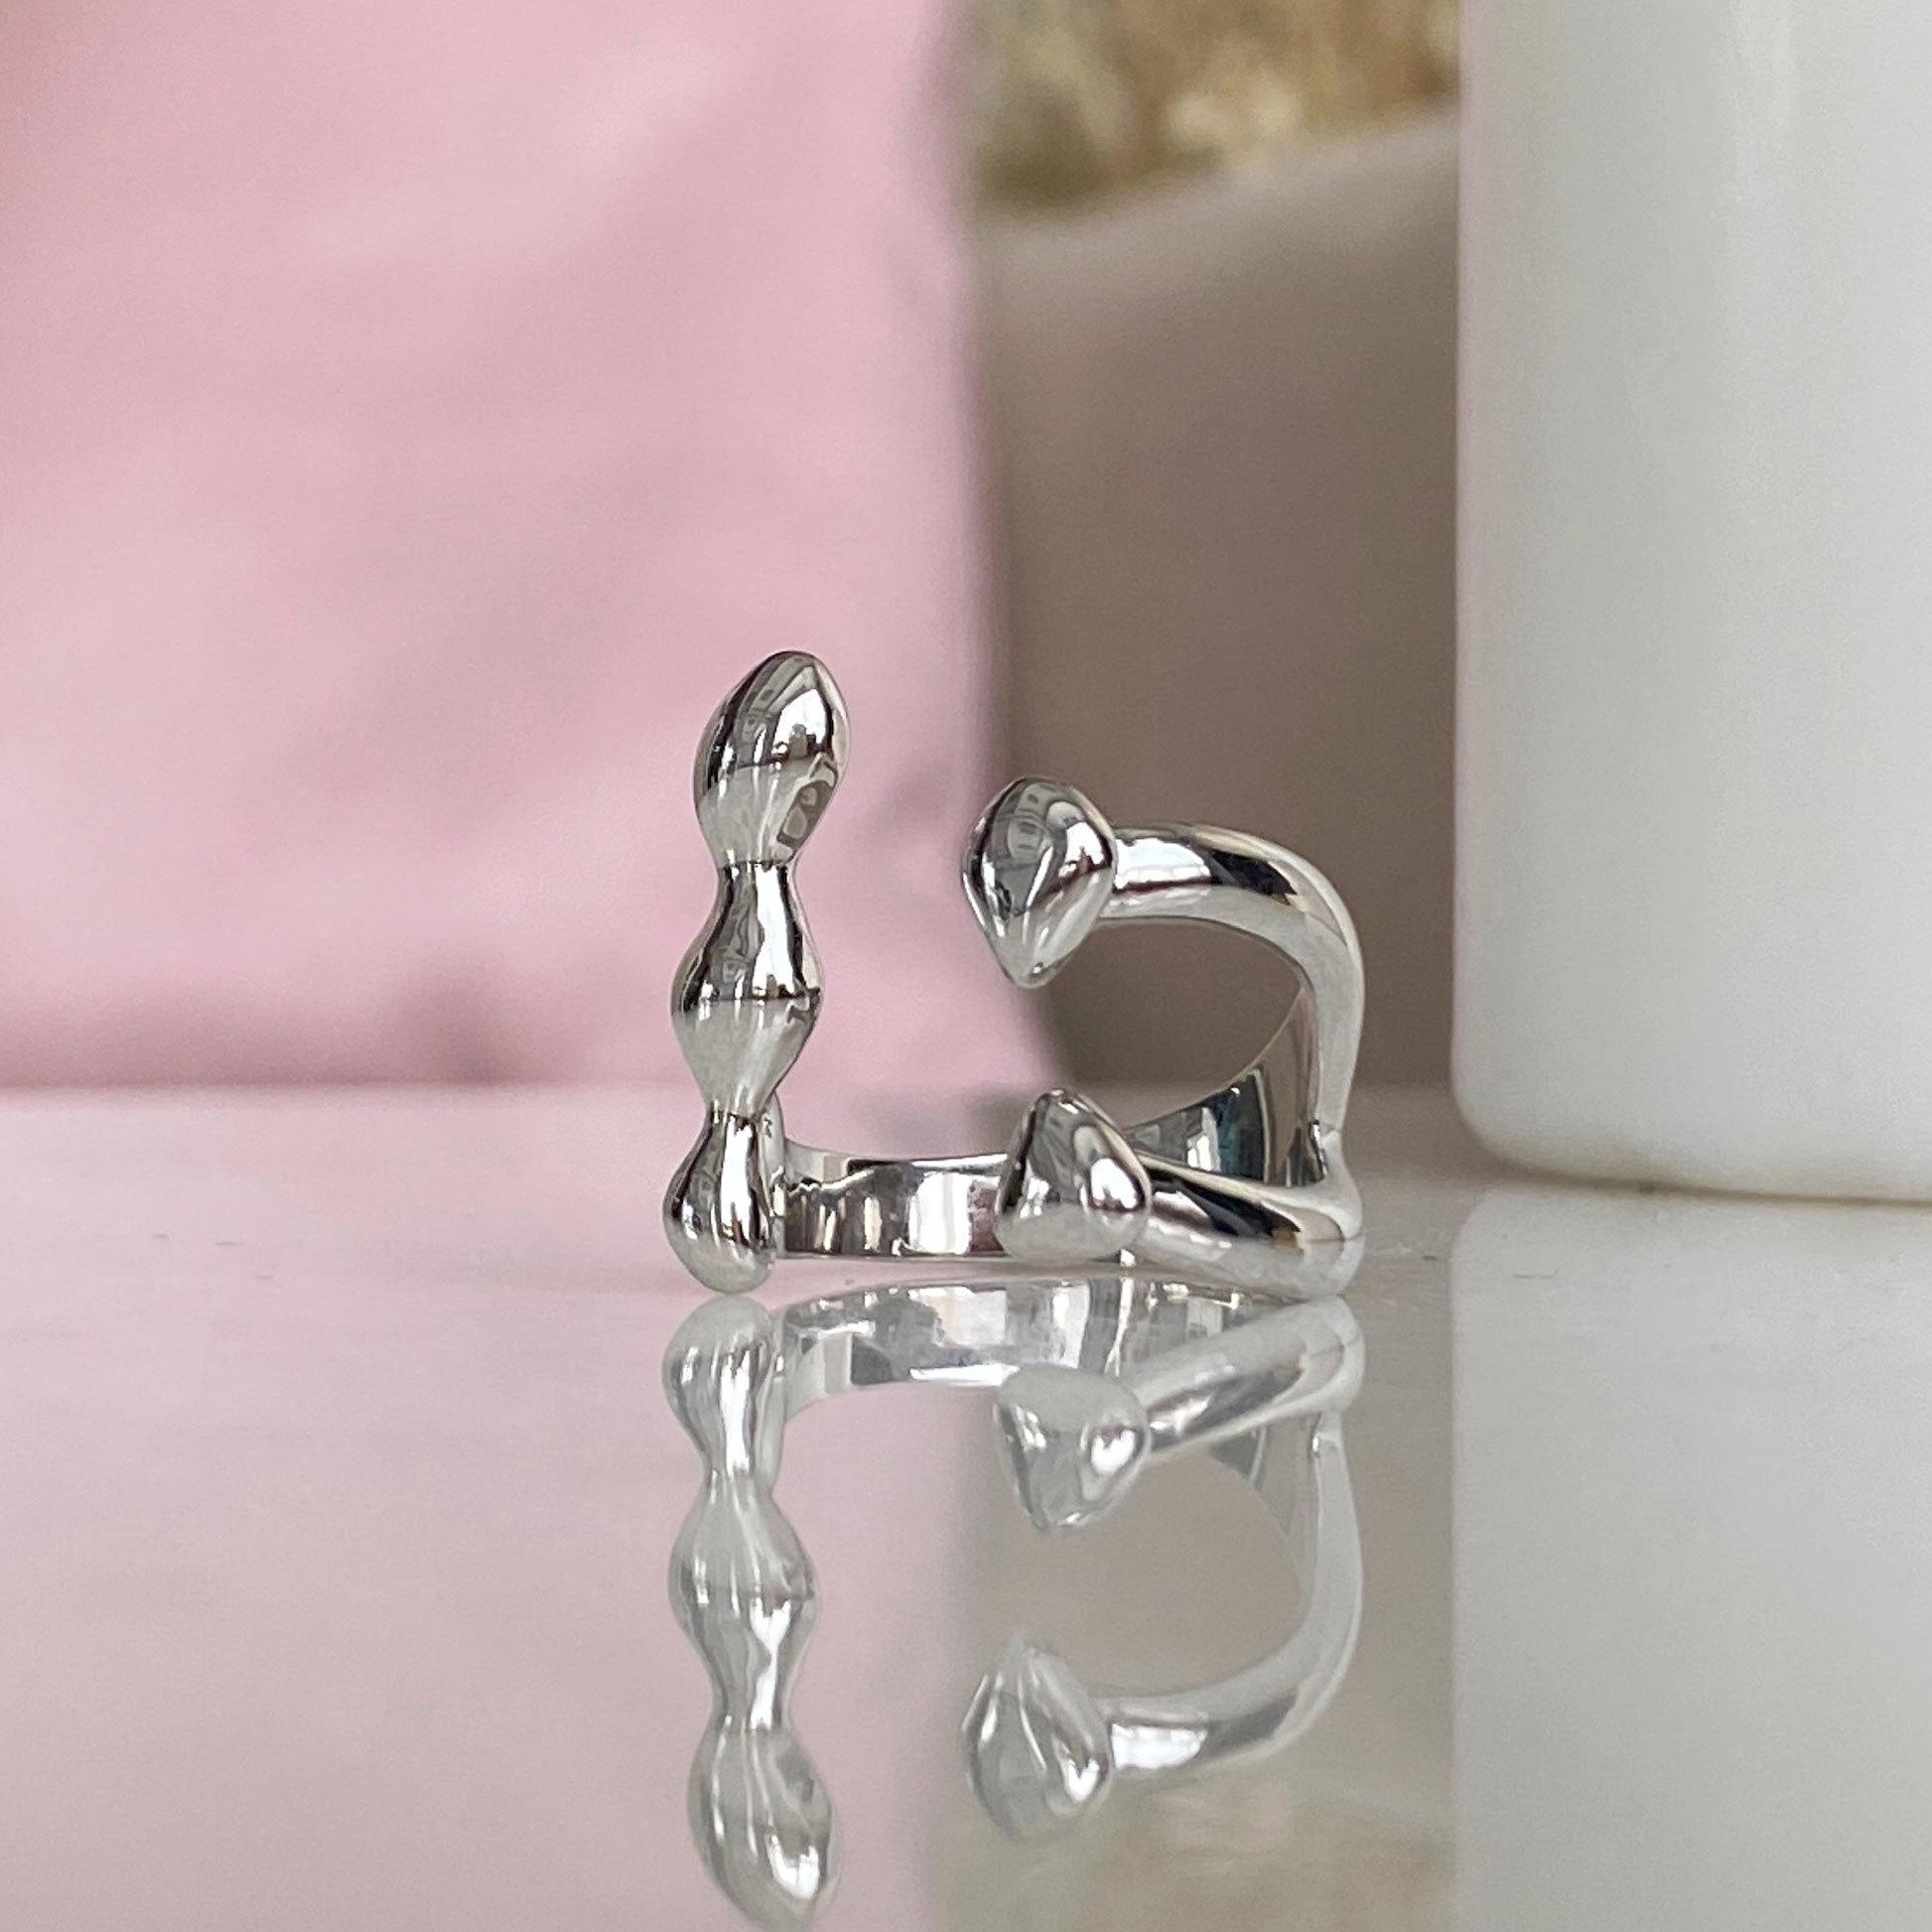 Кольцо Капли разомкнутое free size (серебристый)